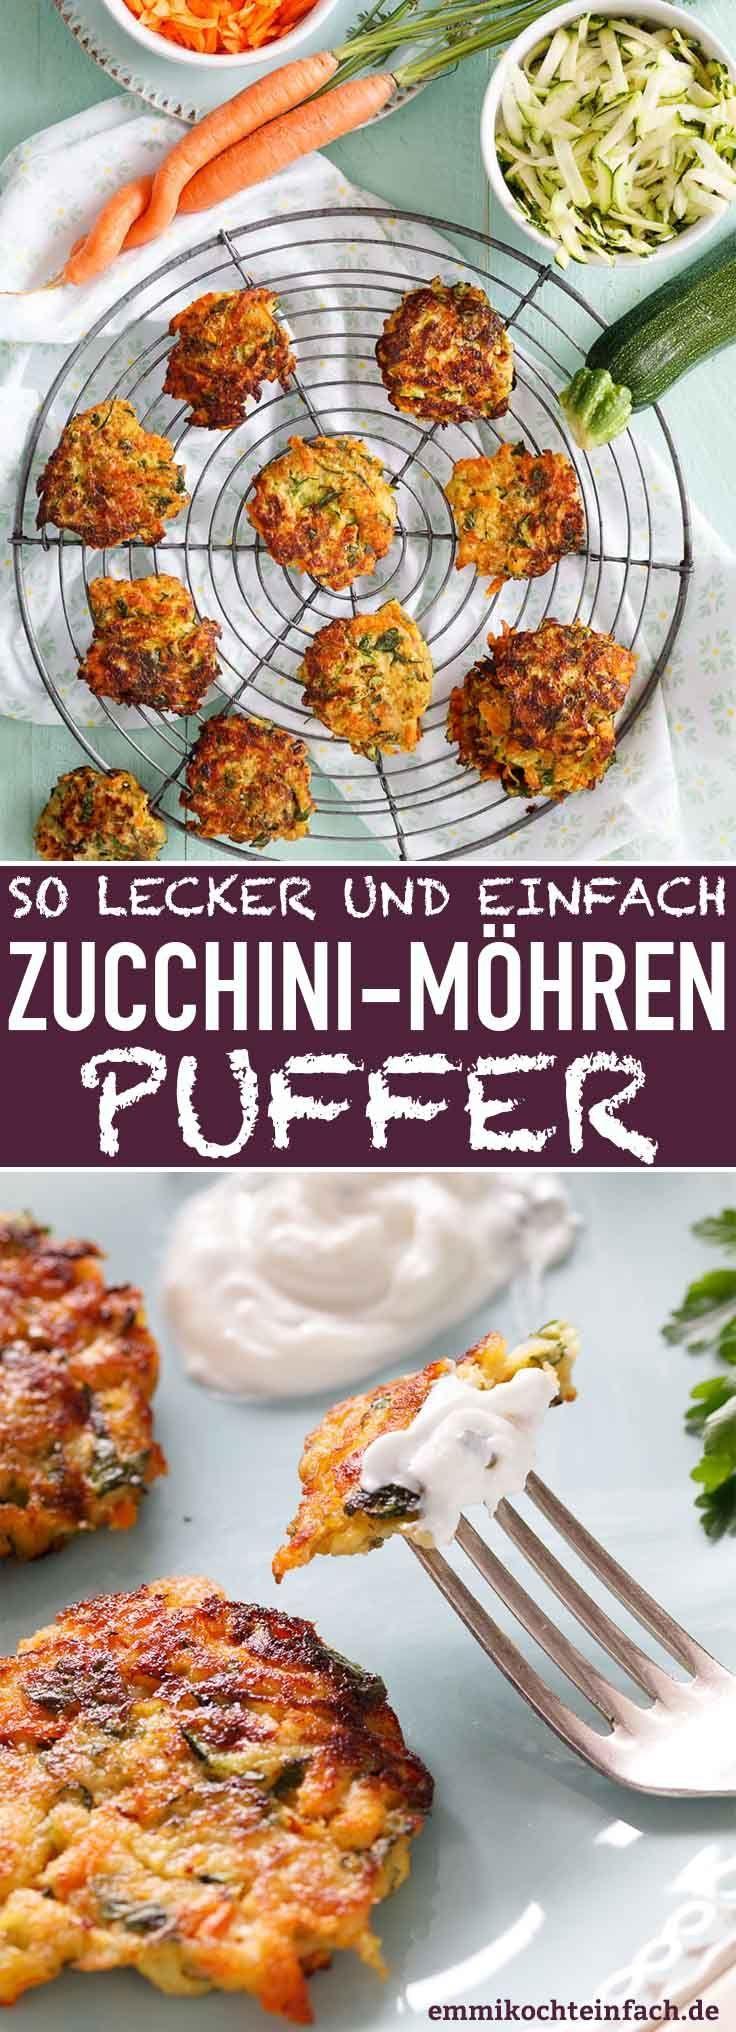 Zucchini Möhren Puffer - die leckeren Gemüsepuffer - emmikochteinfach